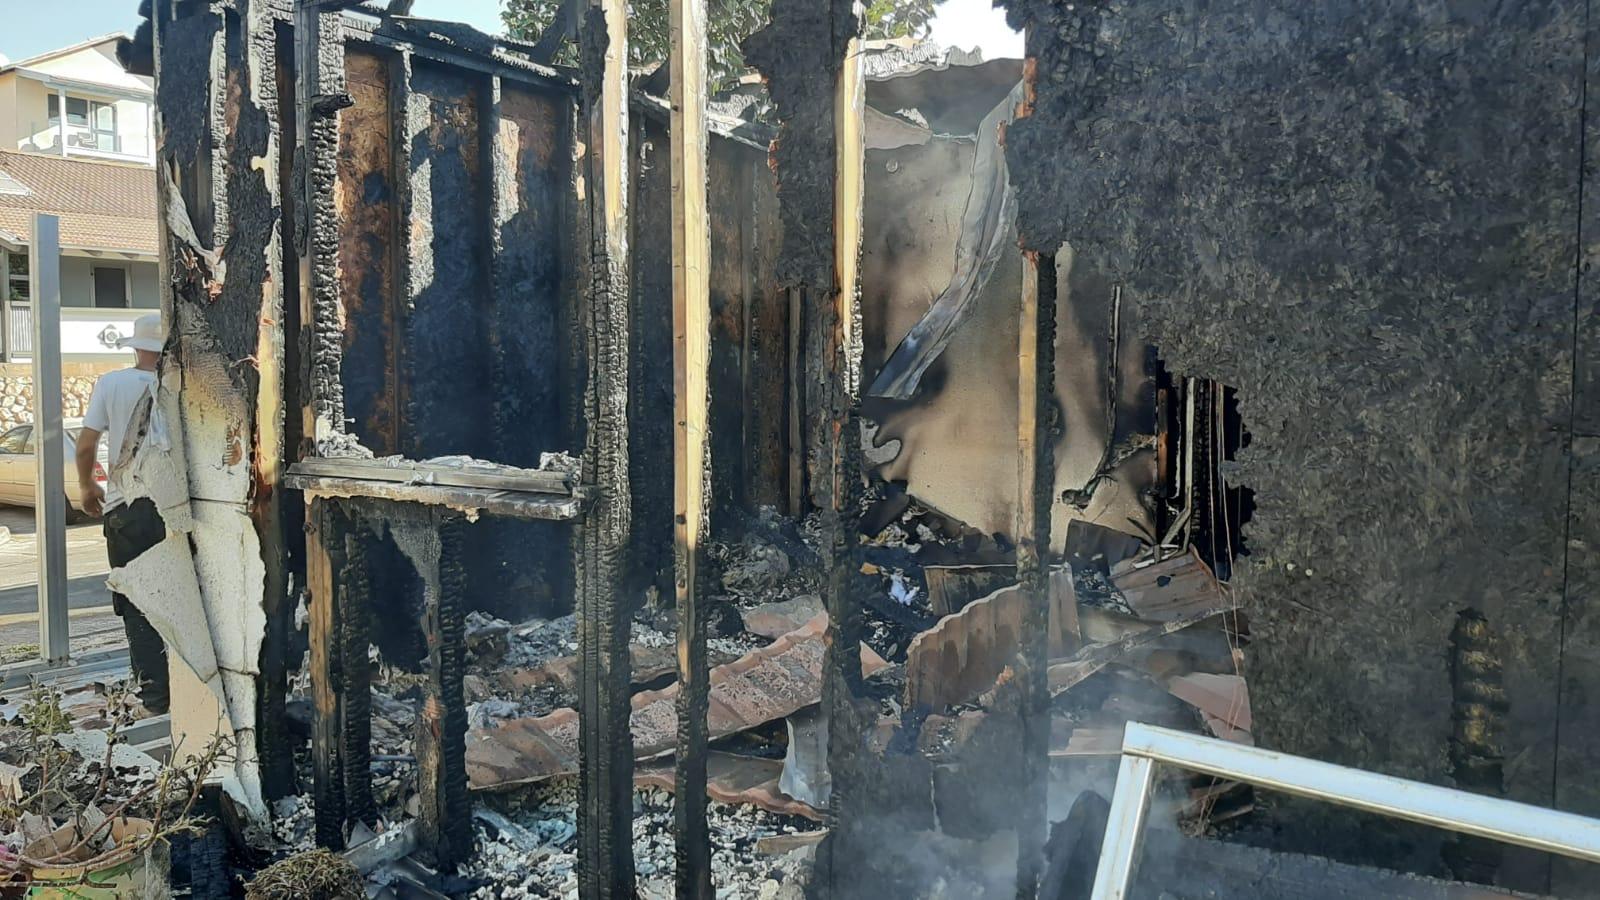 מתגייסים לסייע לאביגיל הגננת מצפת – ביתה נשרף כליל ונותרה חסרת כל